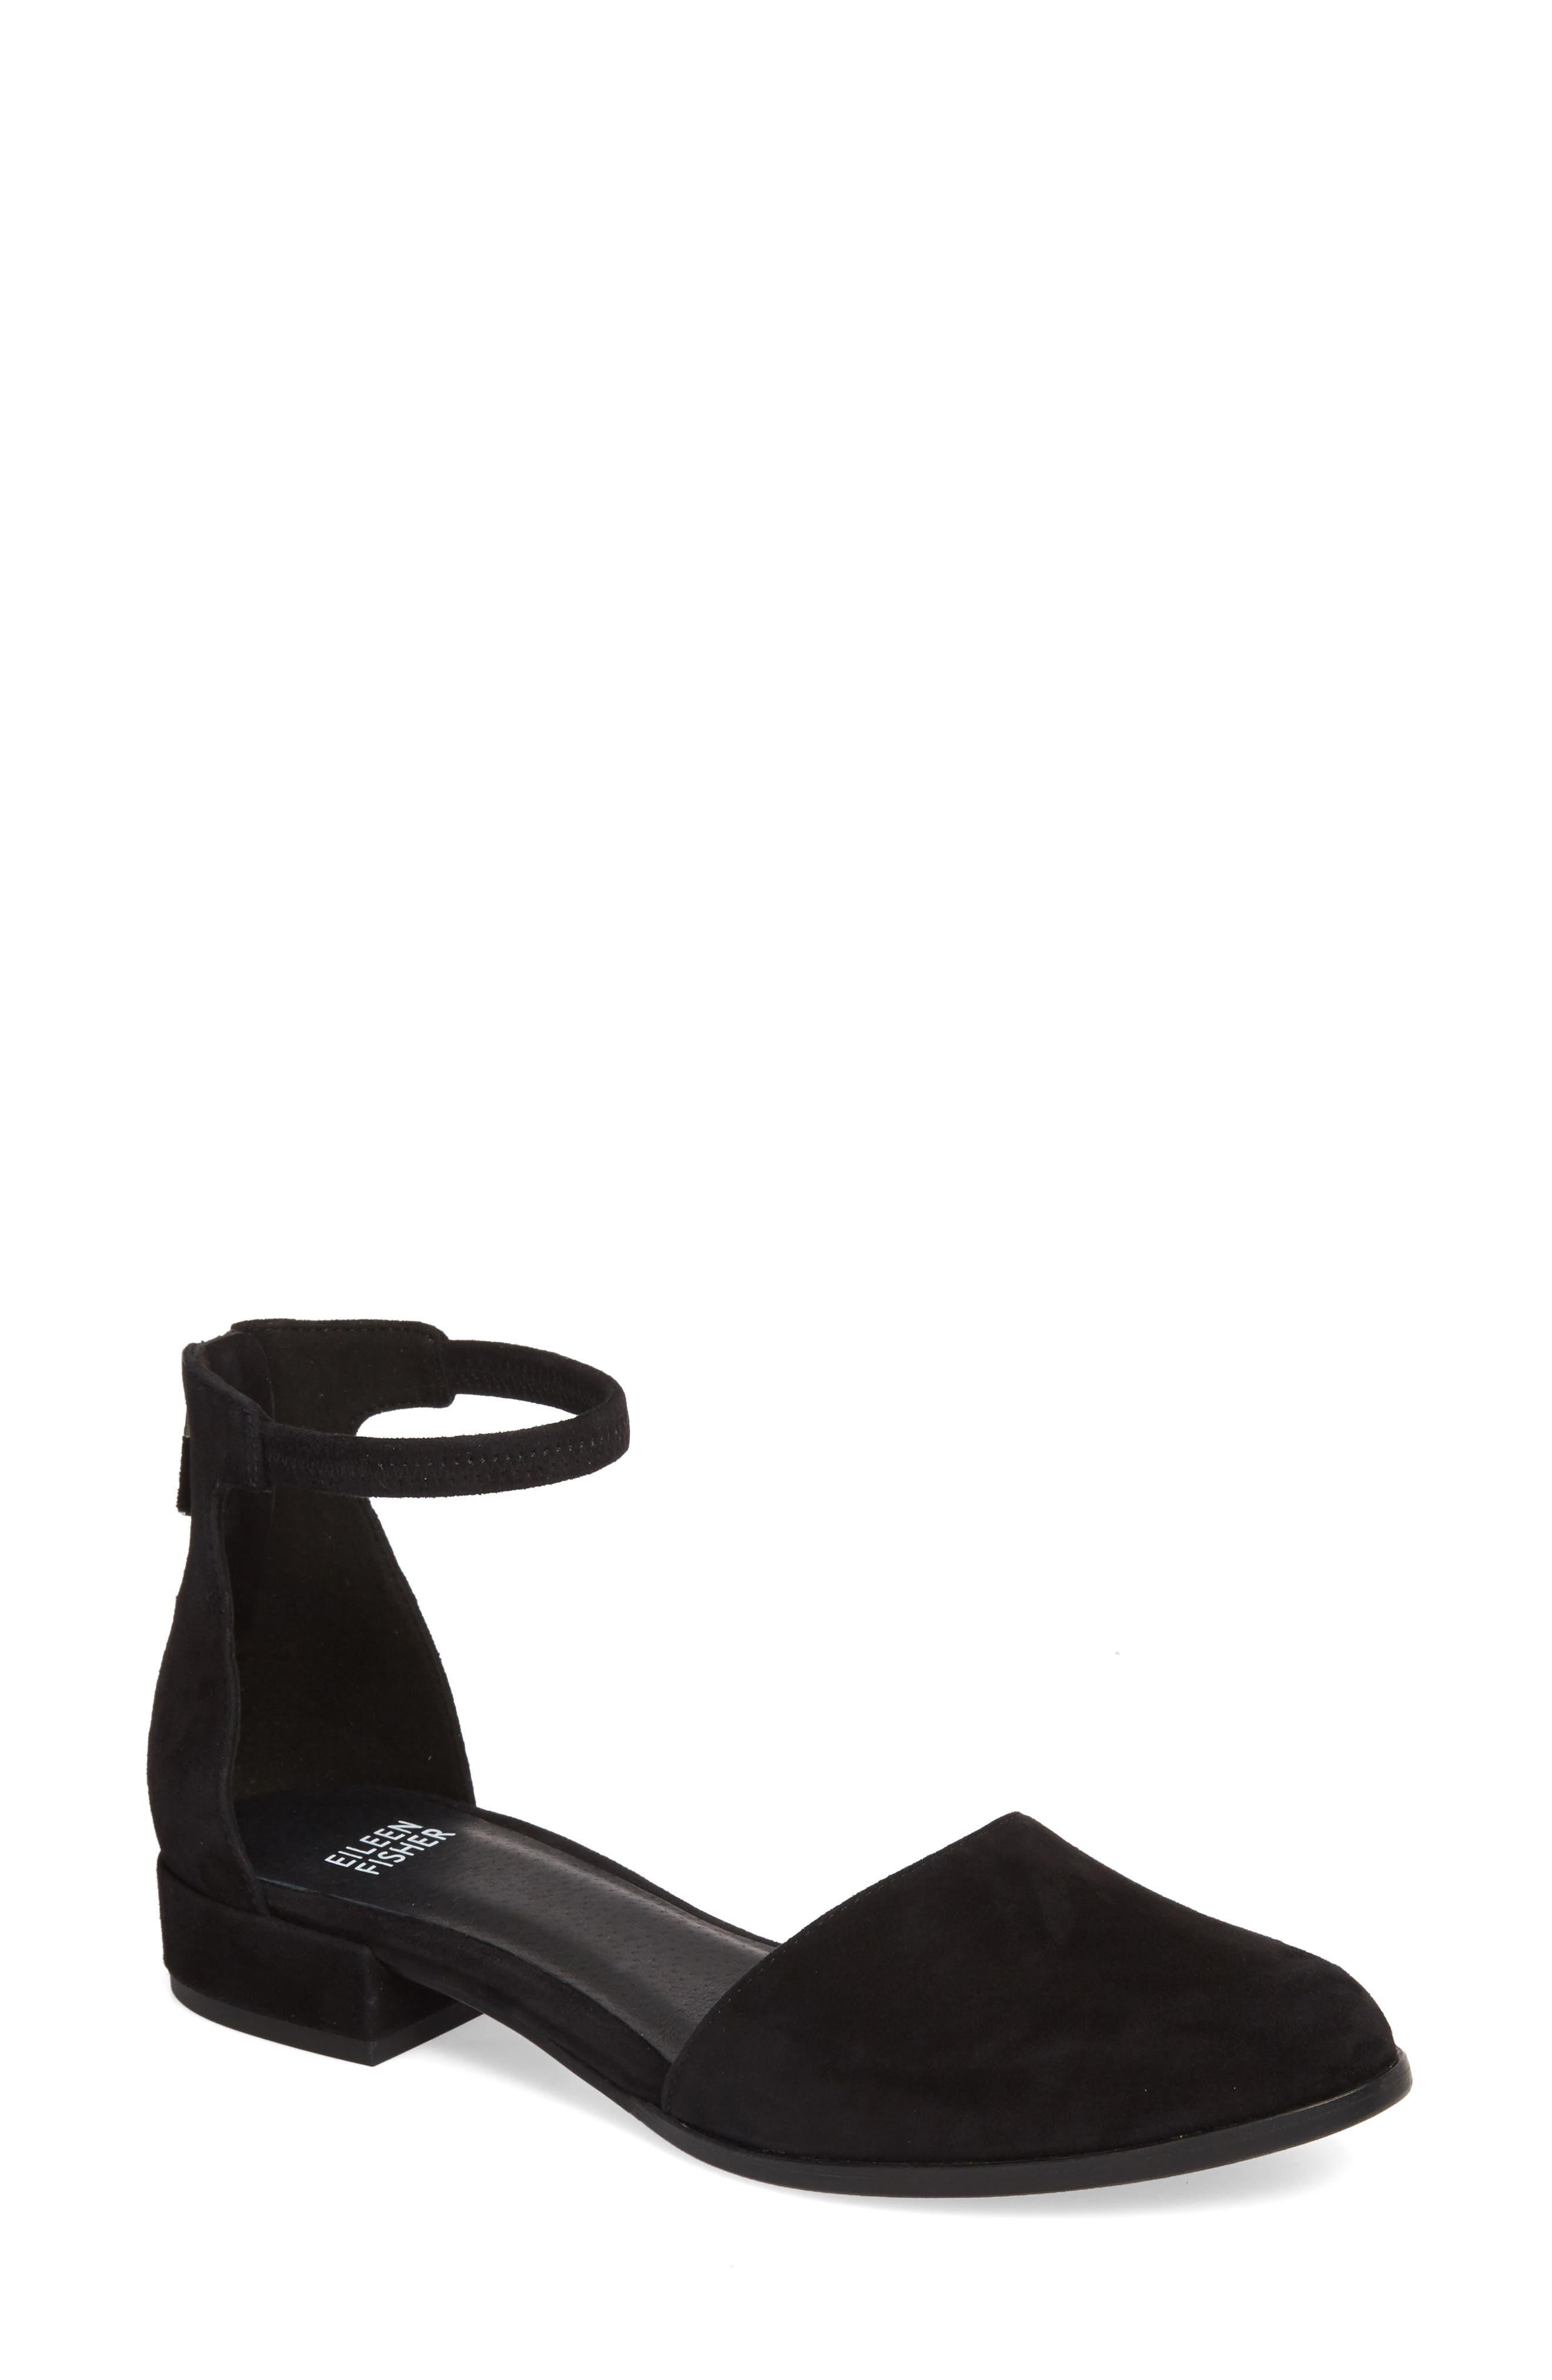 Hutton Ankle Strap Shoe,                             Main thumbnail 1, color,                             001